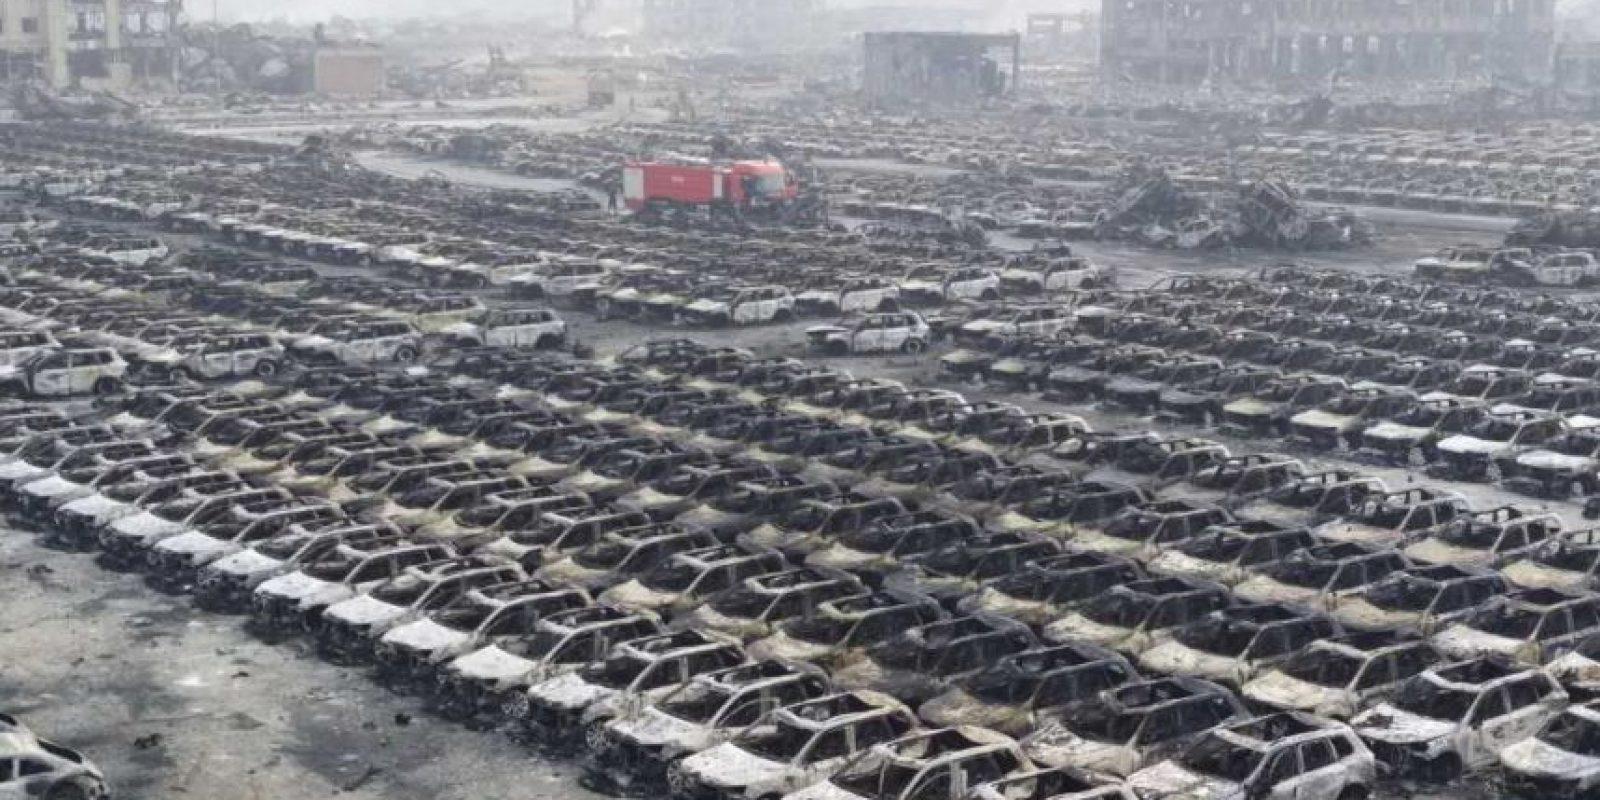 Empresas multinacionales como Toyota o John Deere suspendieron sus operaciones en la zona Foto:Getty Images